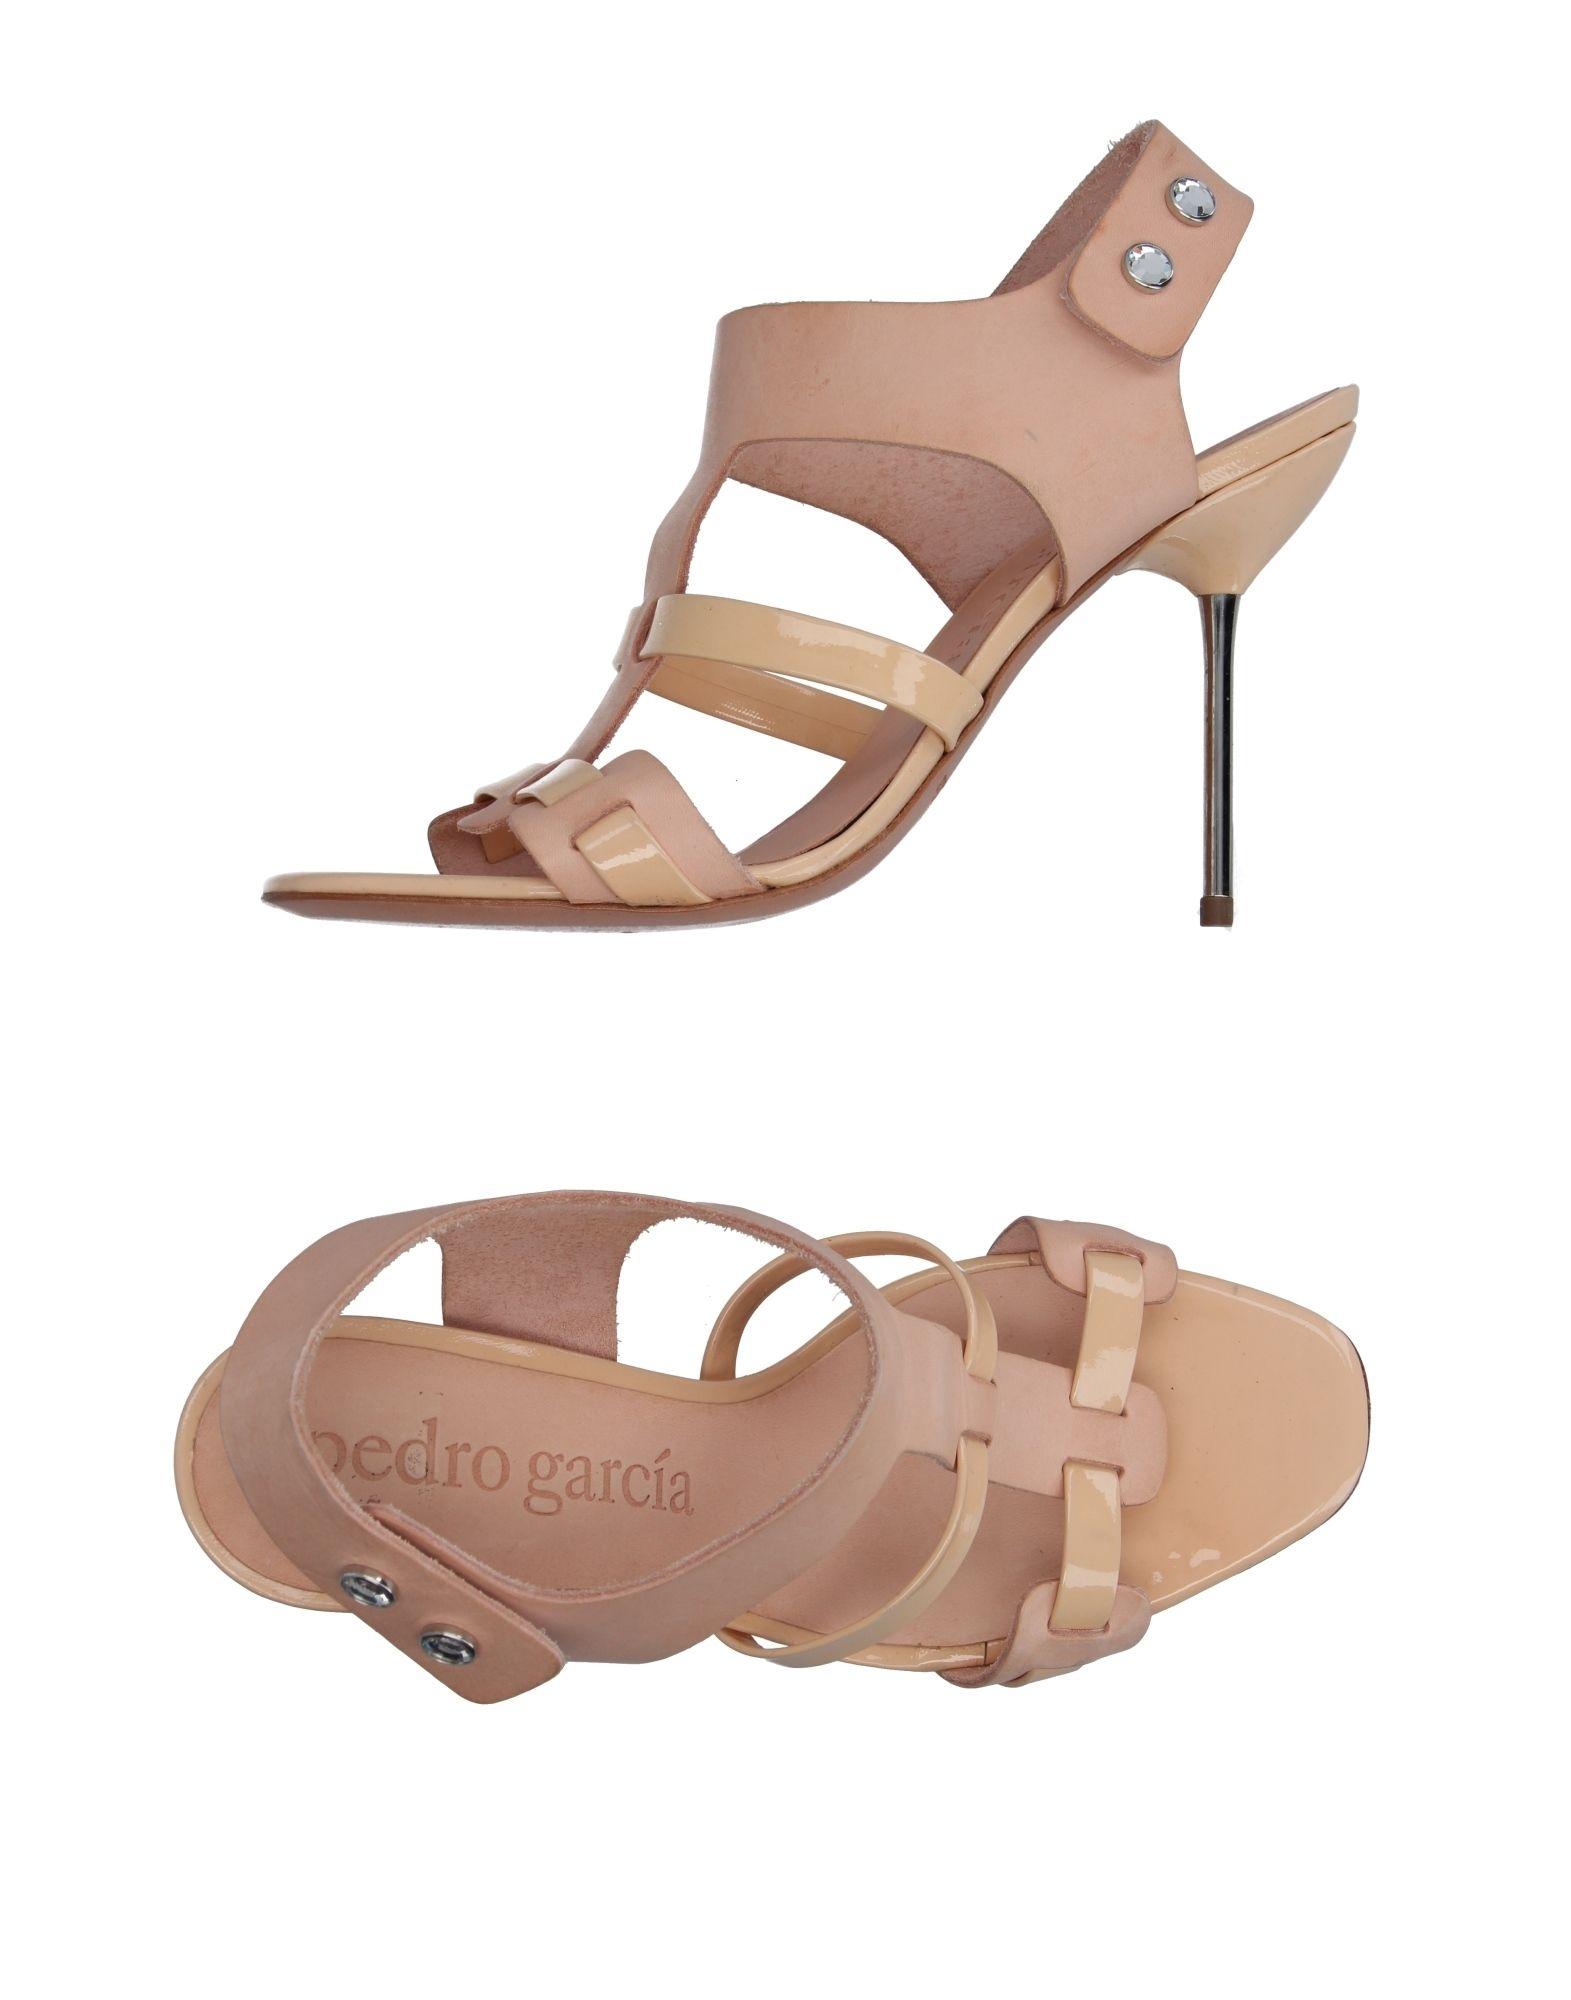 Pedro García Sandalen Damen Damen Sandalen  11175516WJ Neue Schuhe 6ac068